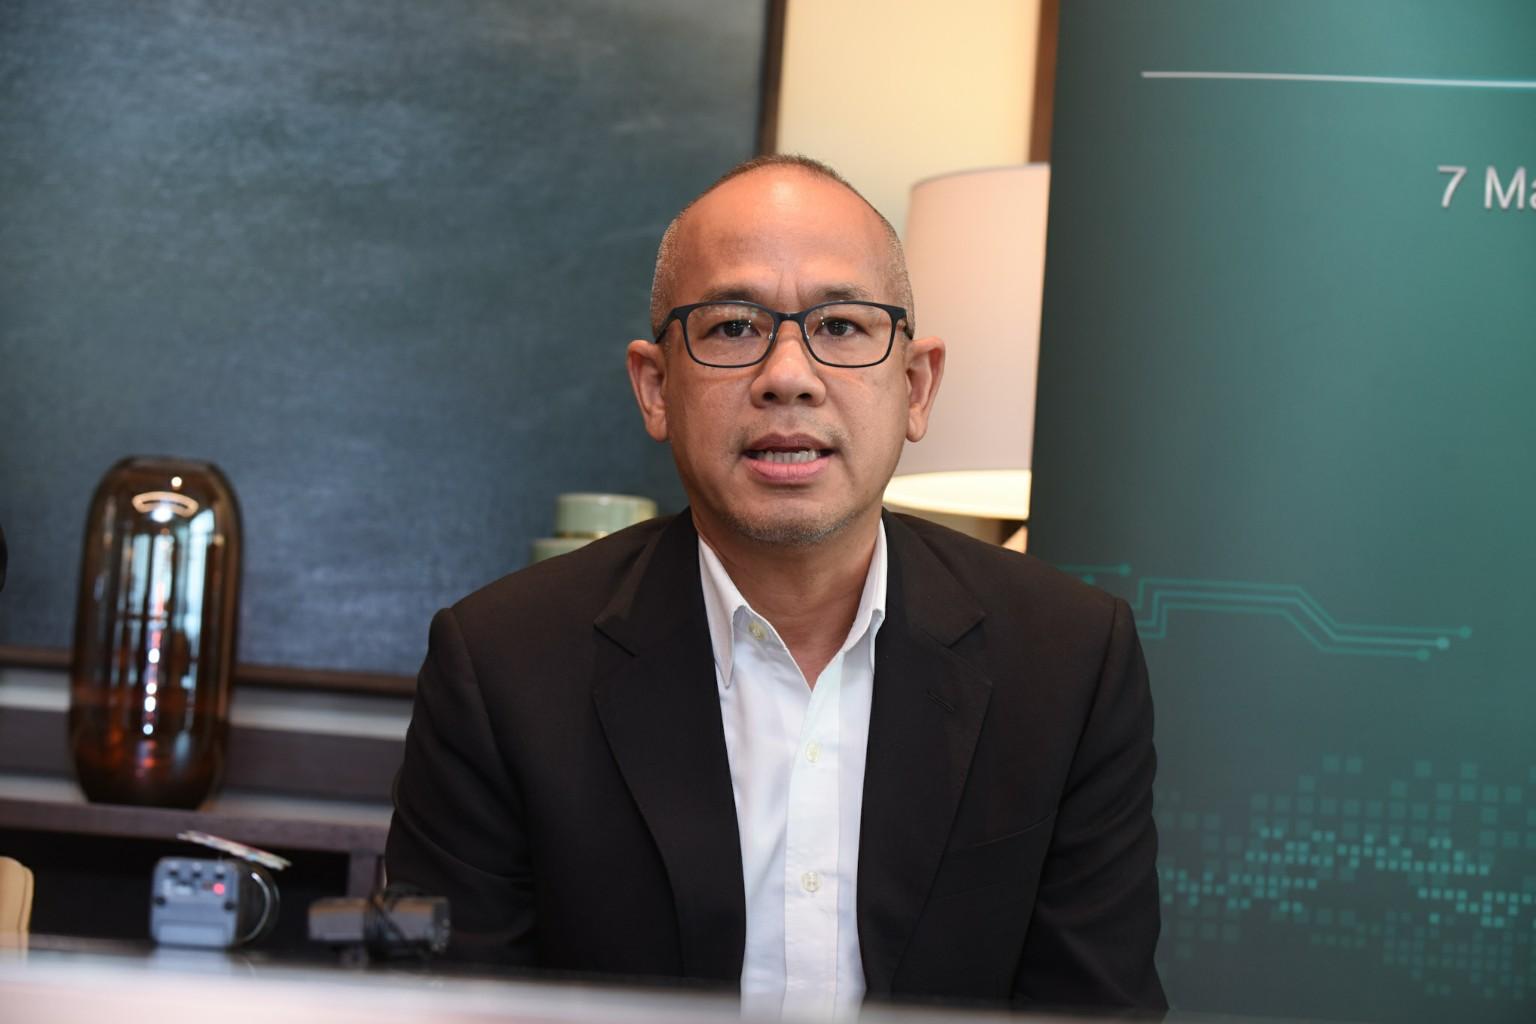 กสิกรไทยชี้แจงเรื่องการดำเนินธุรกิจใน สปป.ลาว